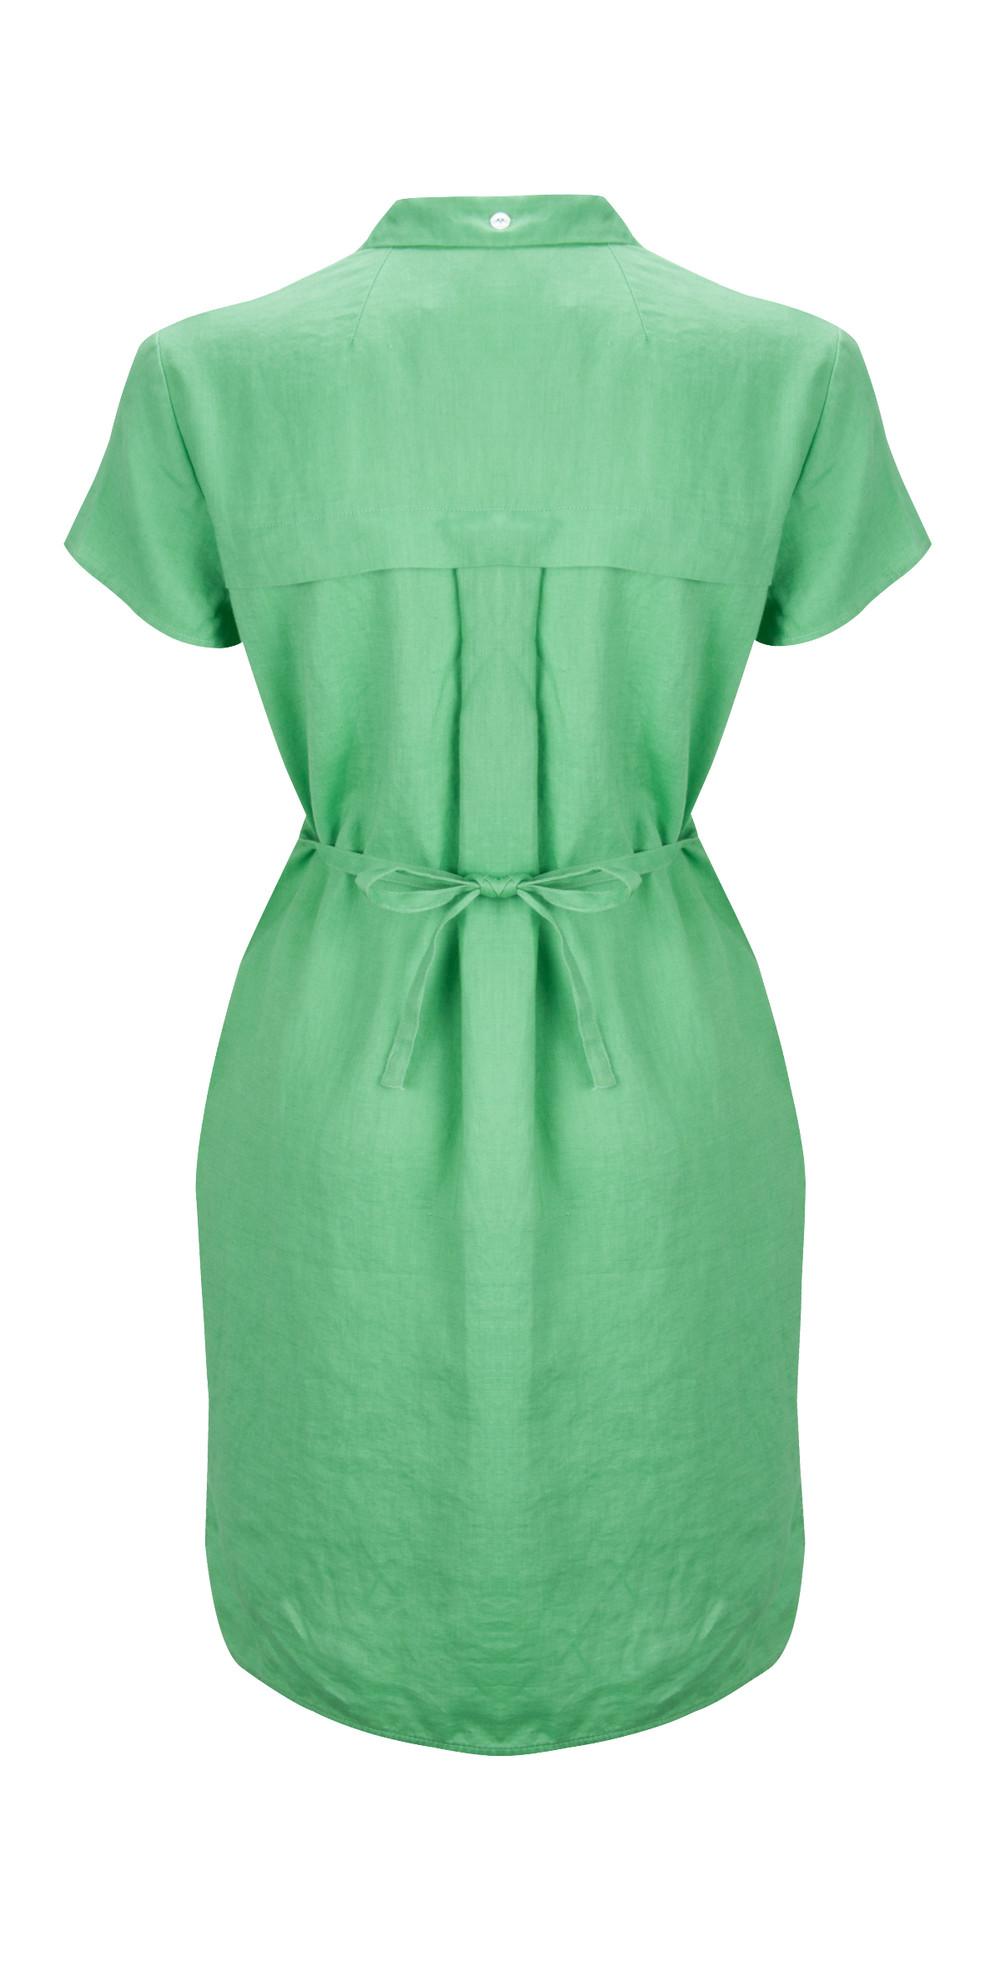 Great plains norfolk linen shirt dress in apple green for Apple green dress shirt